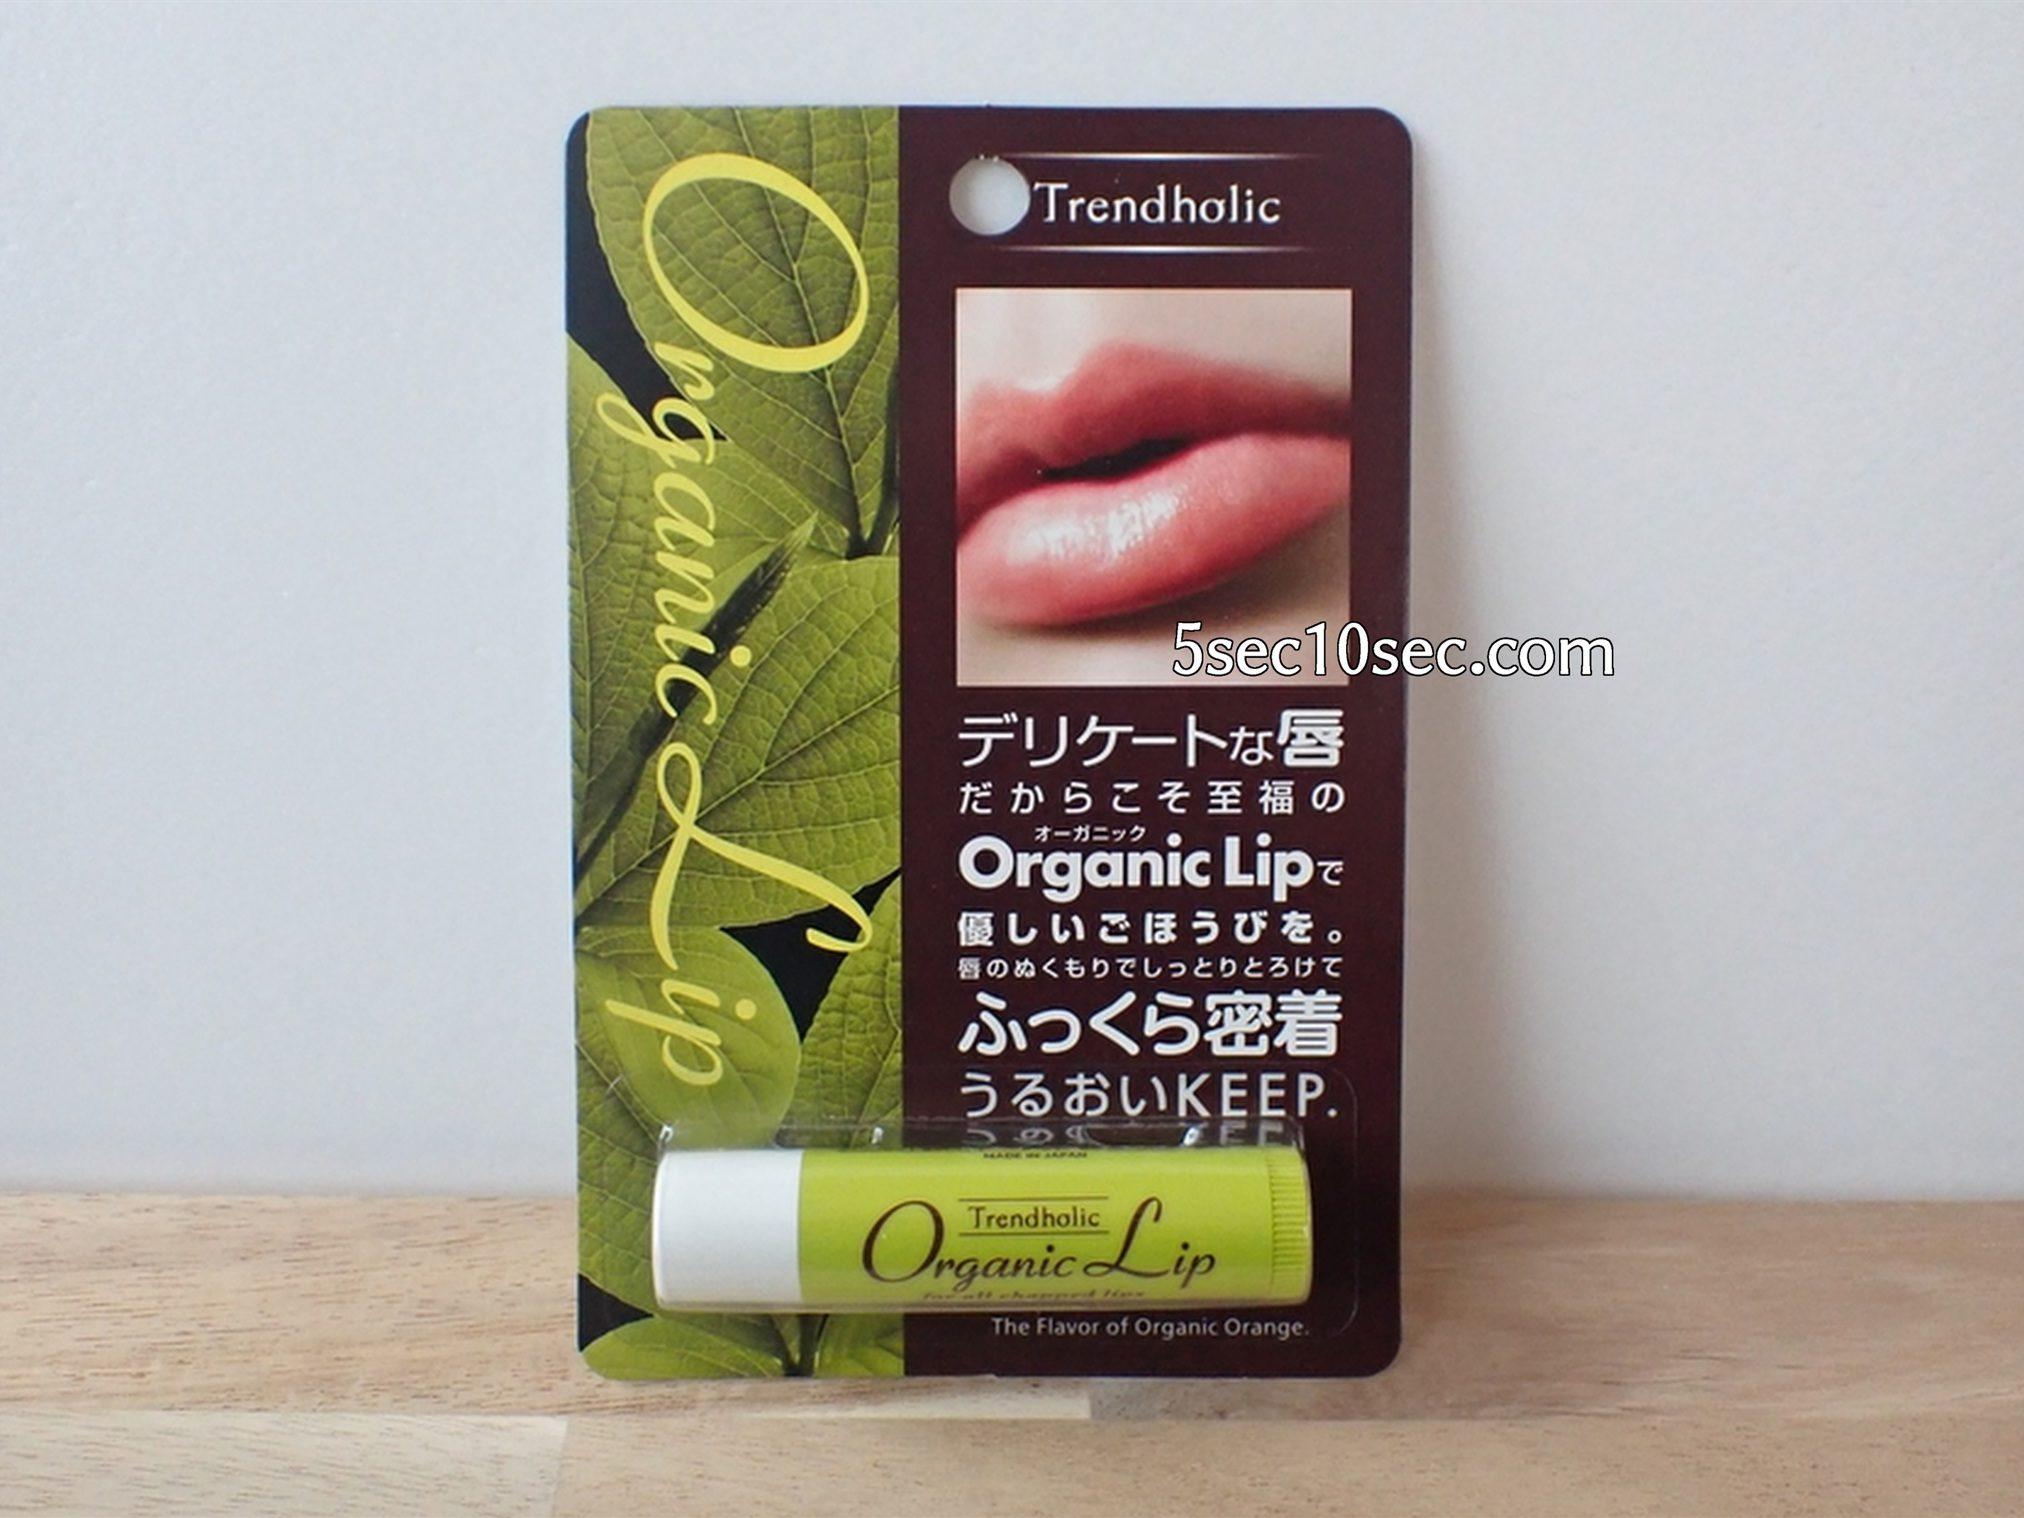 株式会社 石澤研究所 トレンドホリック オーガニックリップN(リップバーム) パッケージ写真